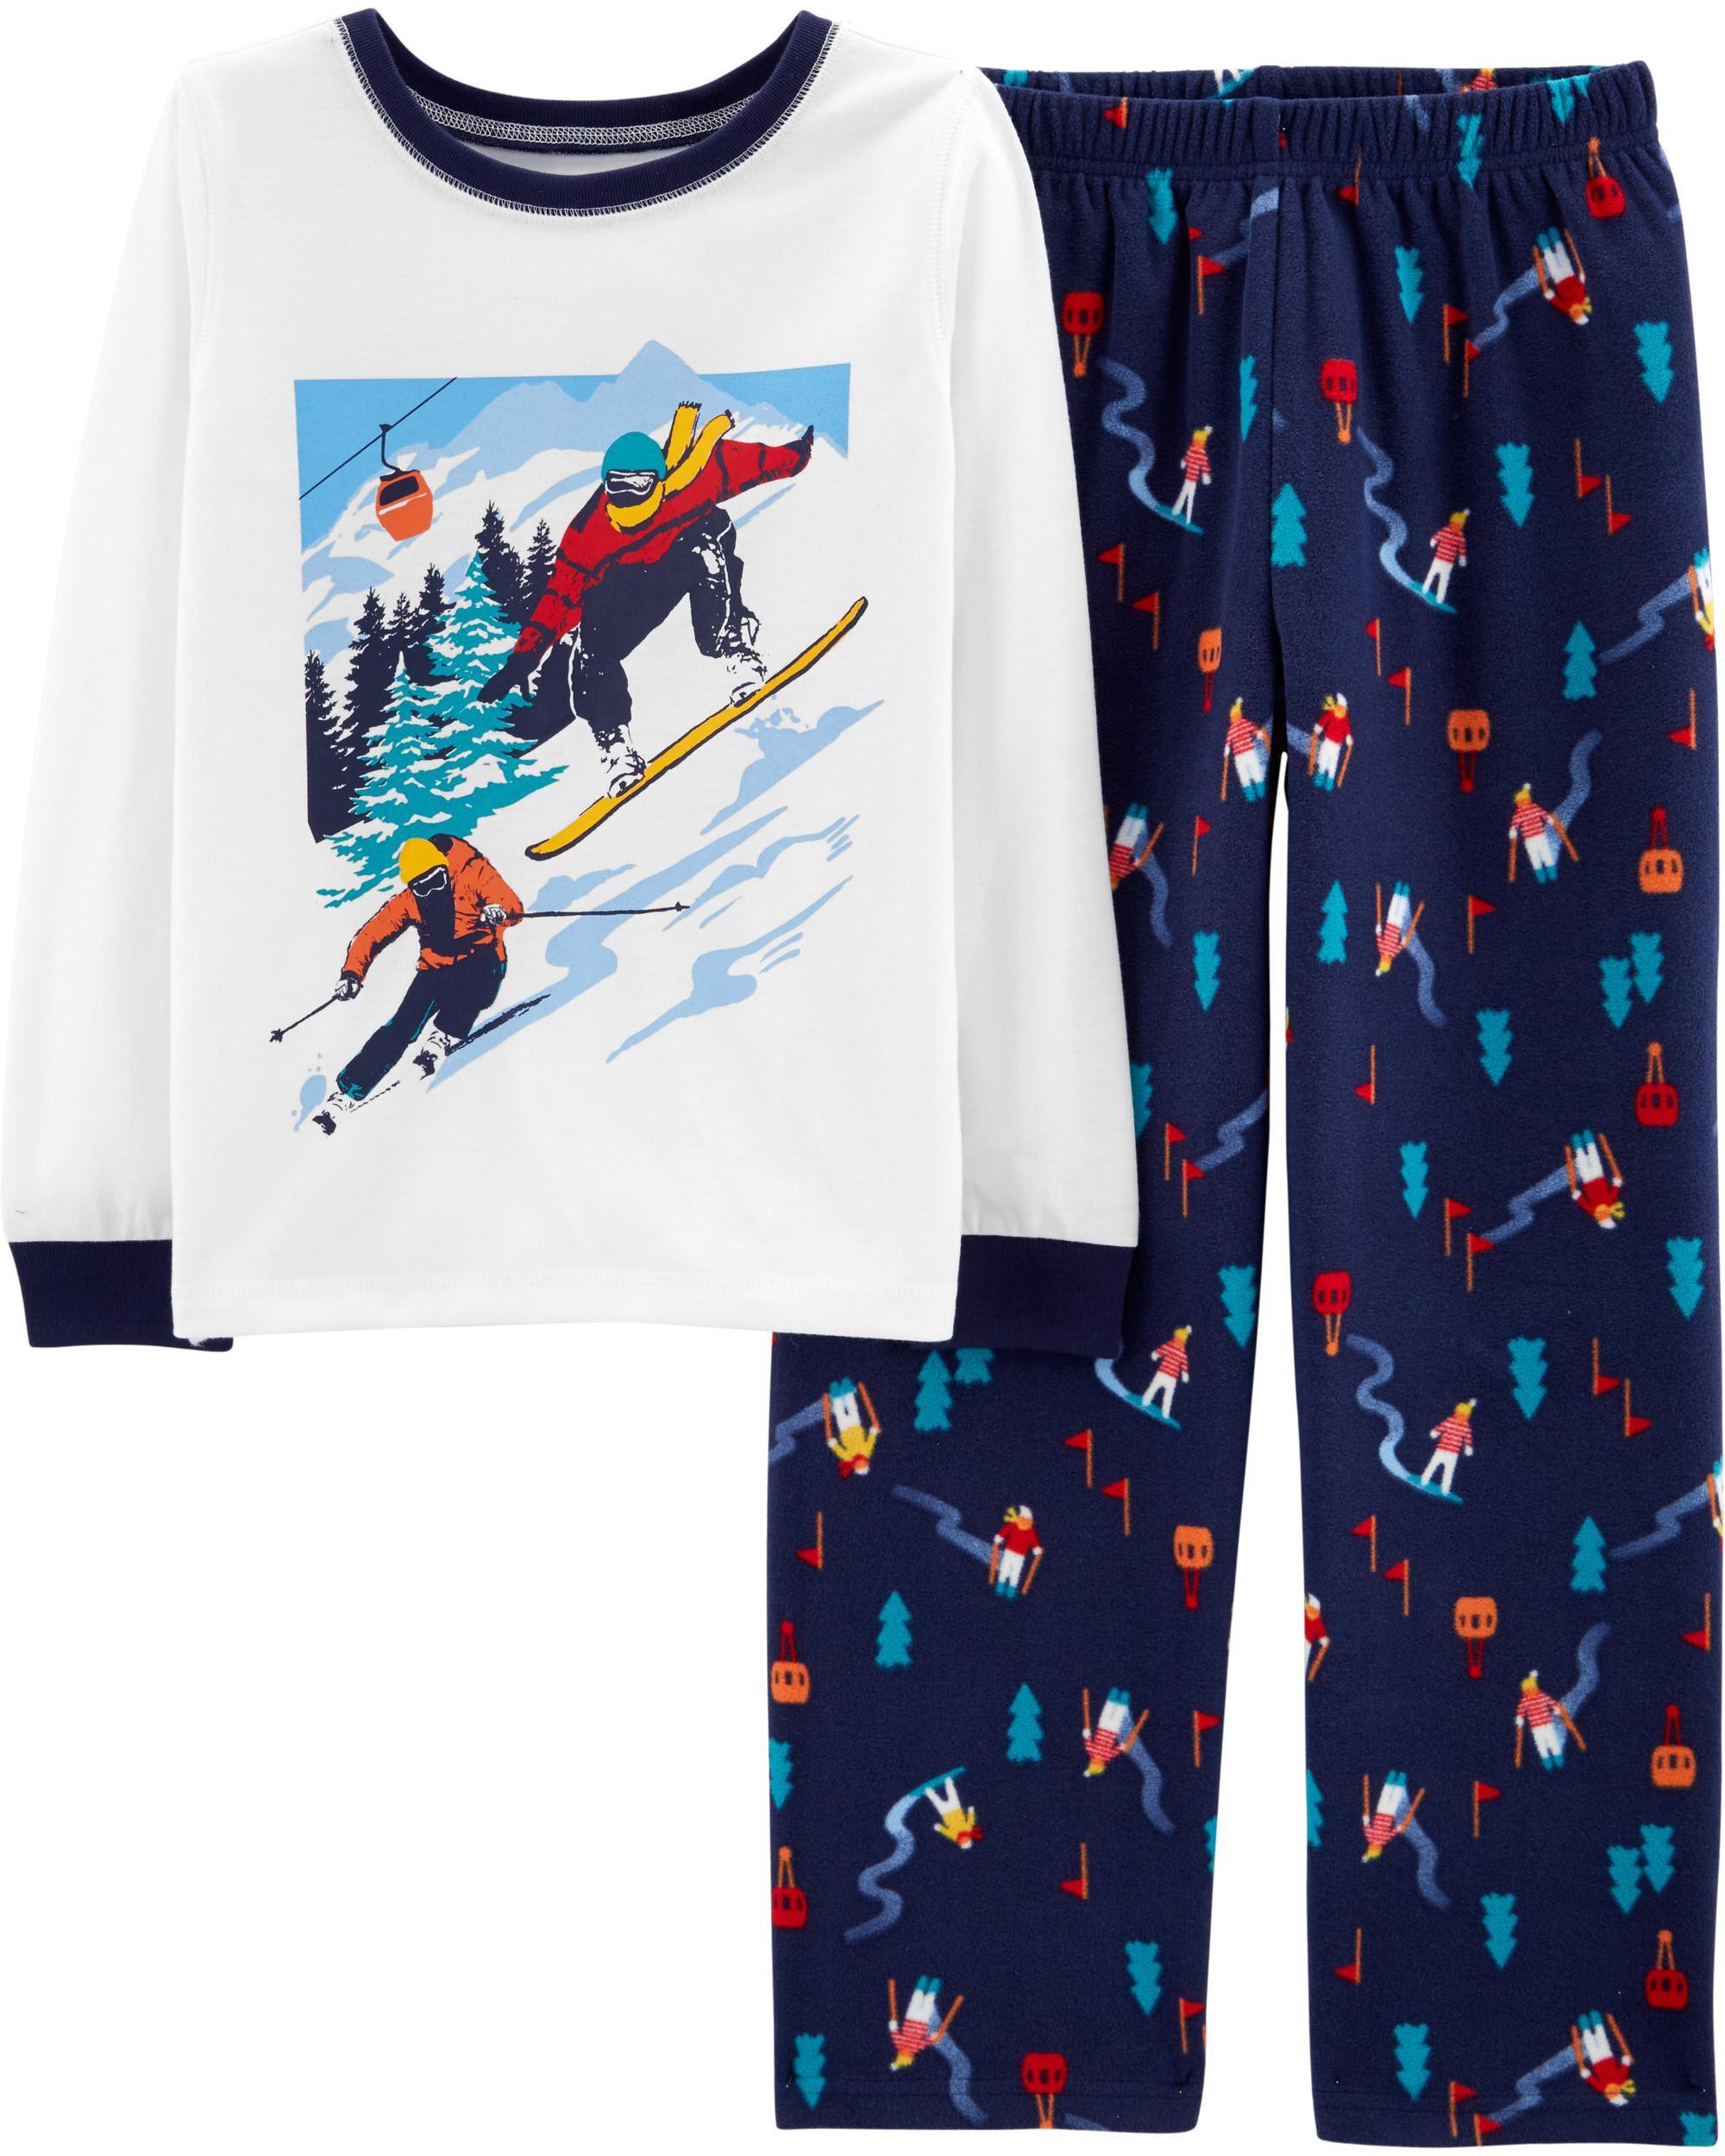 bccab8f64ff6 2-Piece Ski PJs